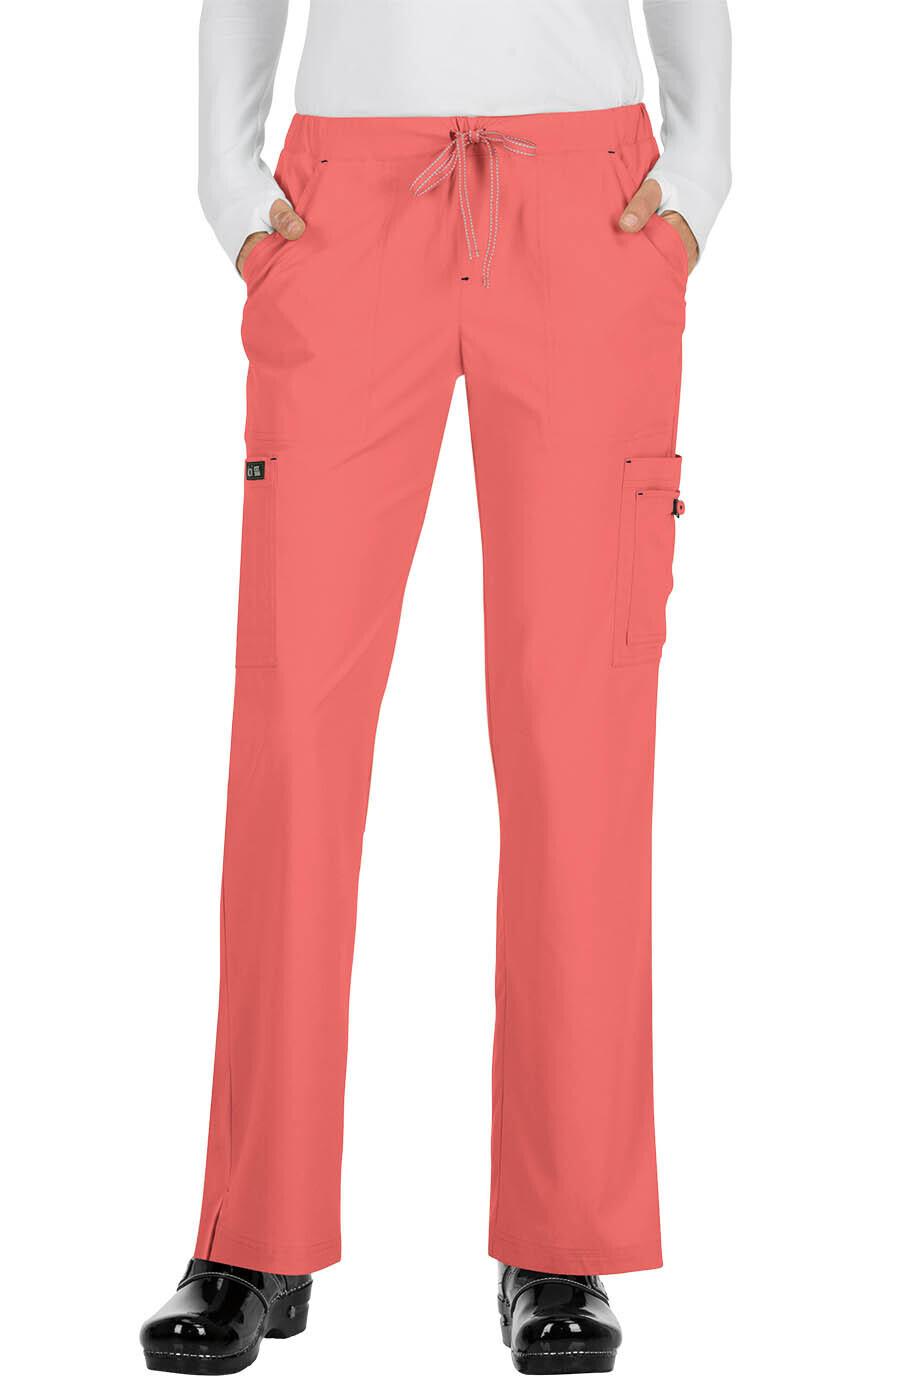 Pantalone KOI BASICS HOLLY Donna Colore 126. Coral